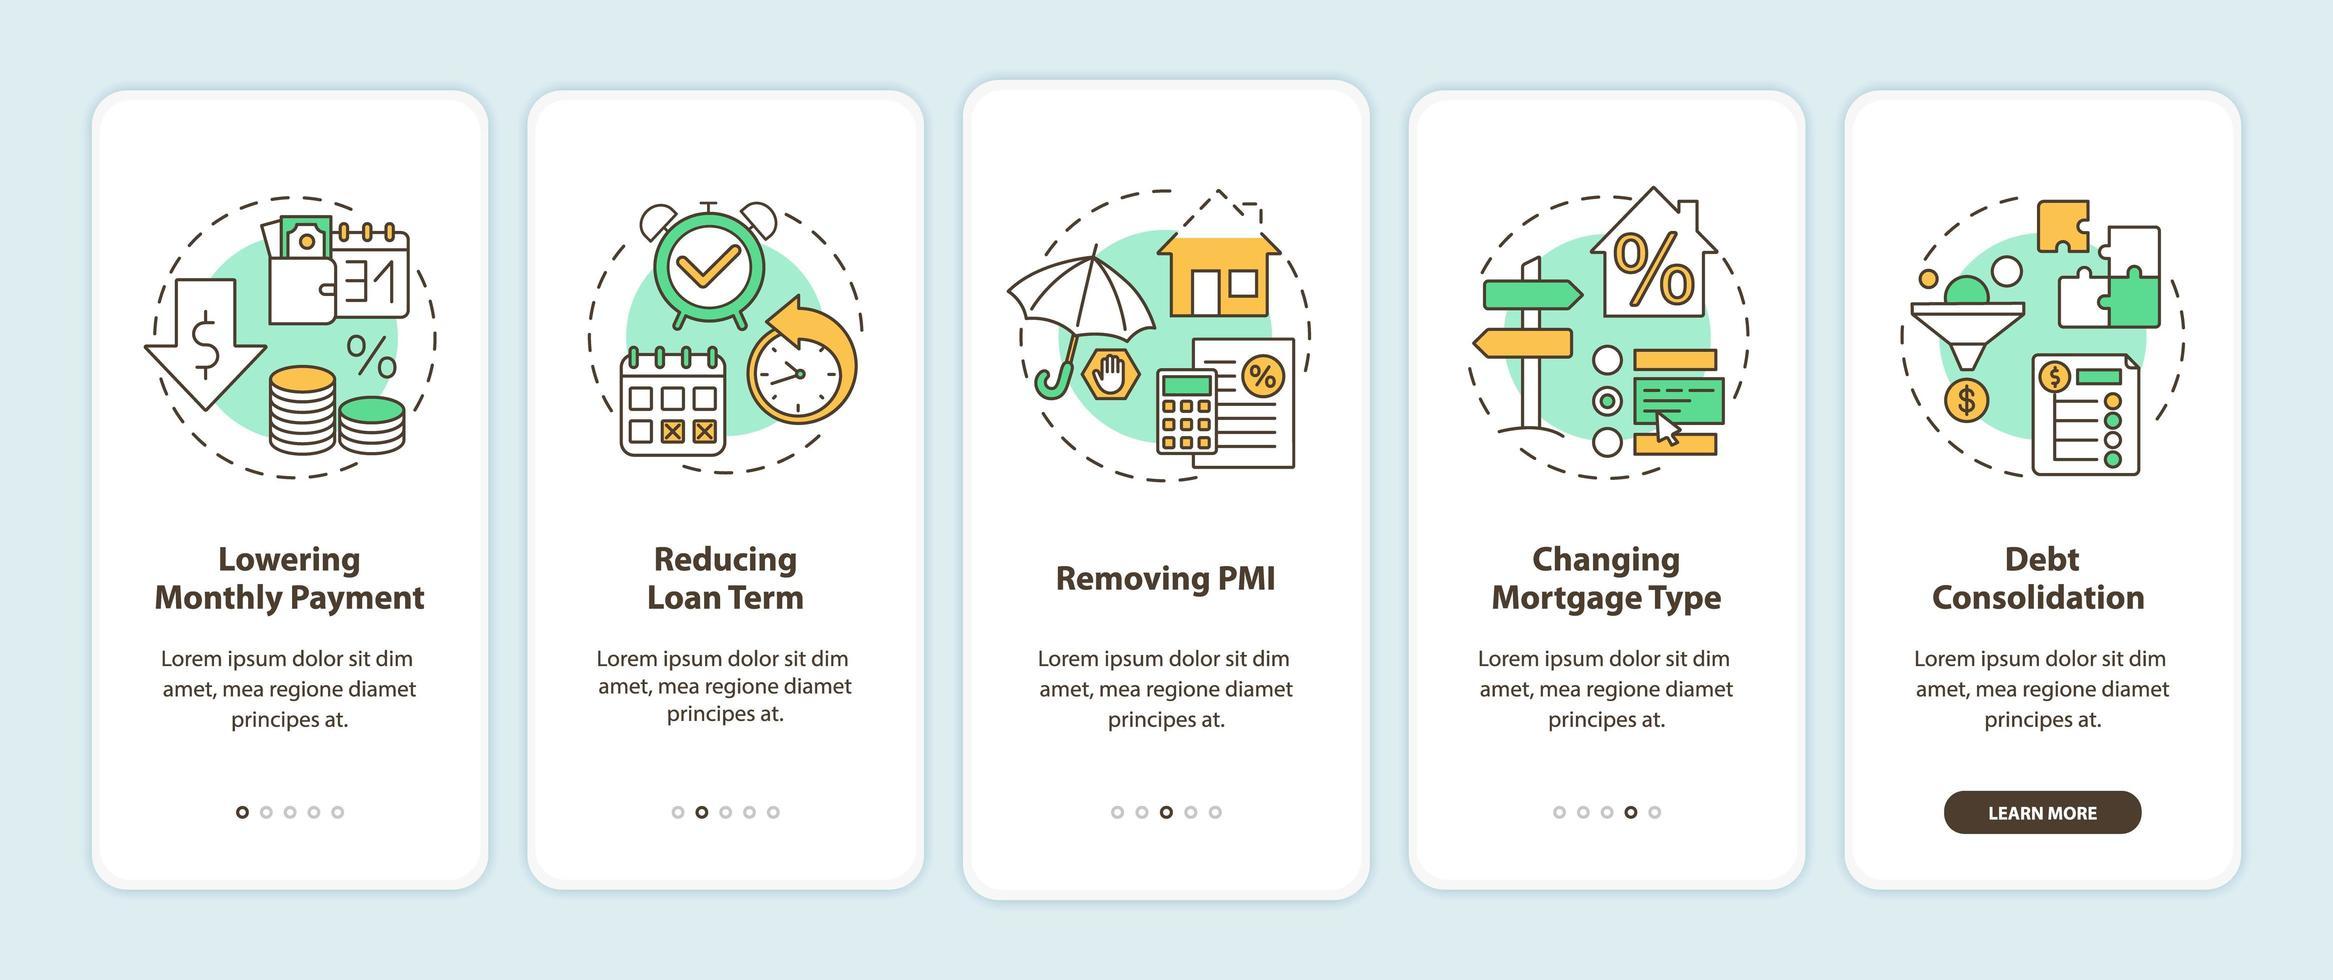 Écran de page de l'application mobile d'intégration des avantages de refinancement hypothécaire avec concepts vecteur